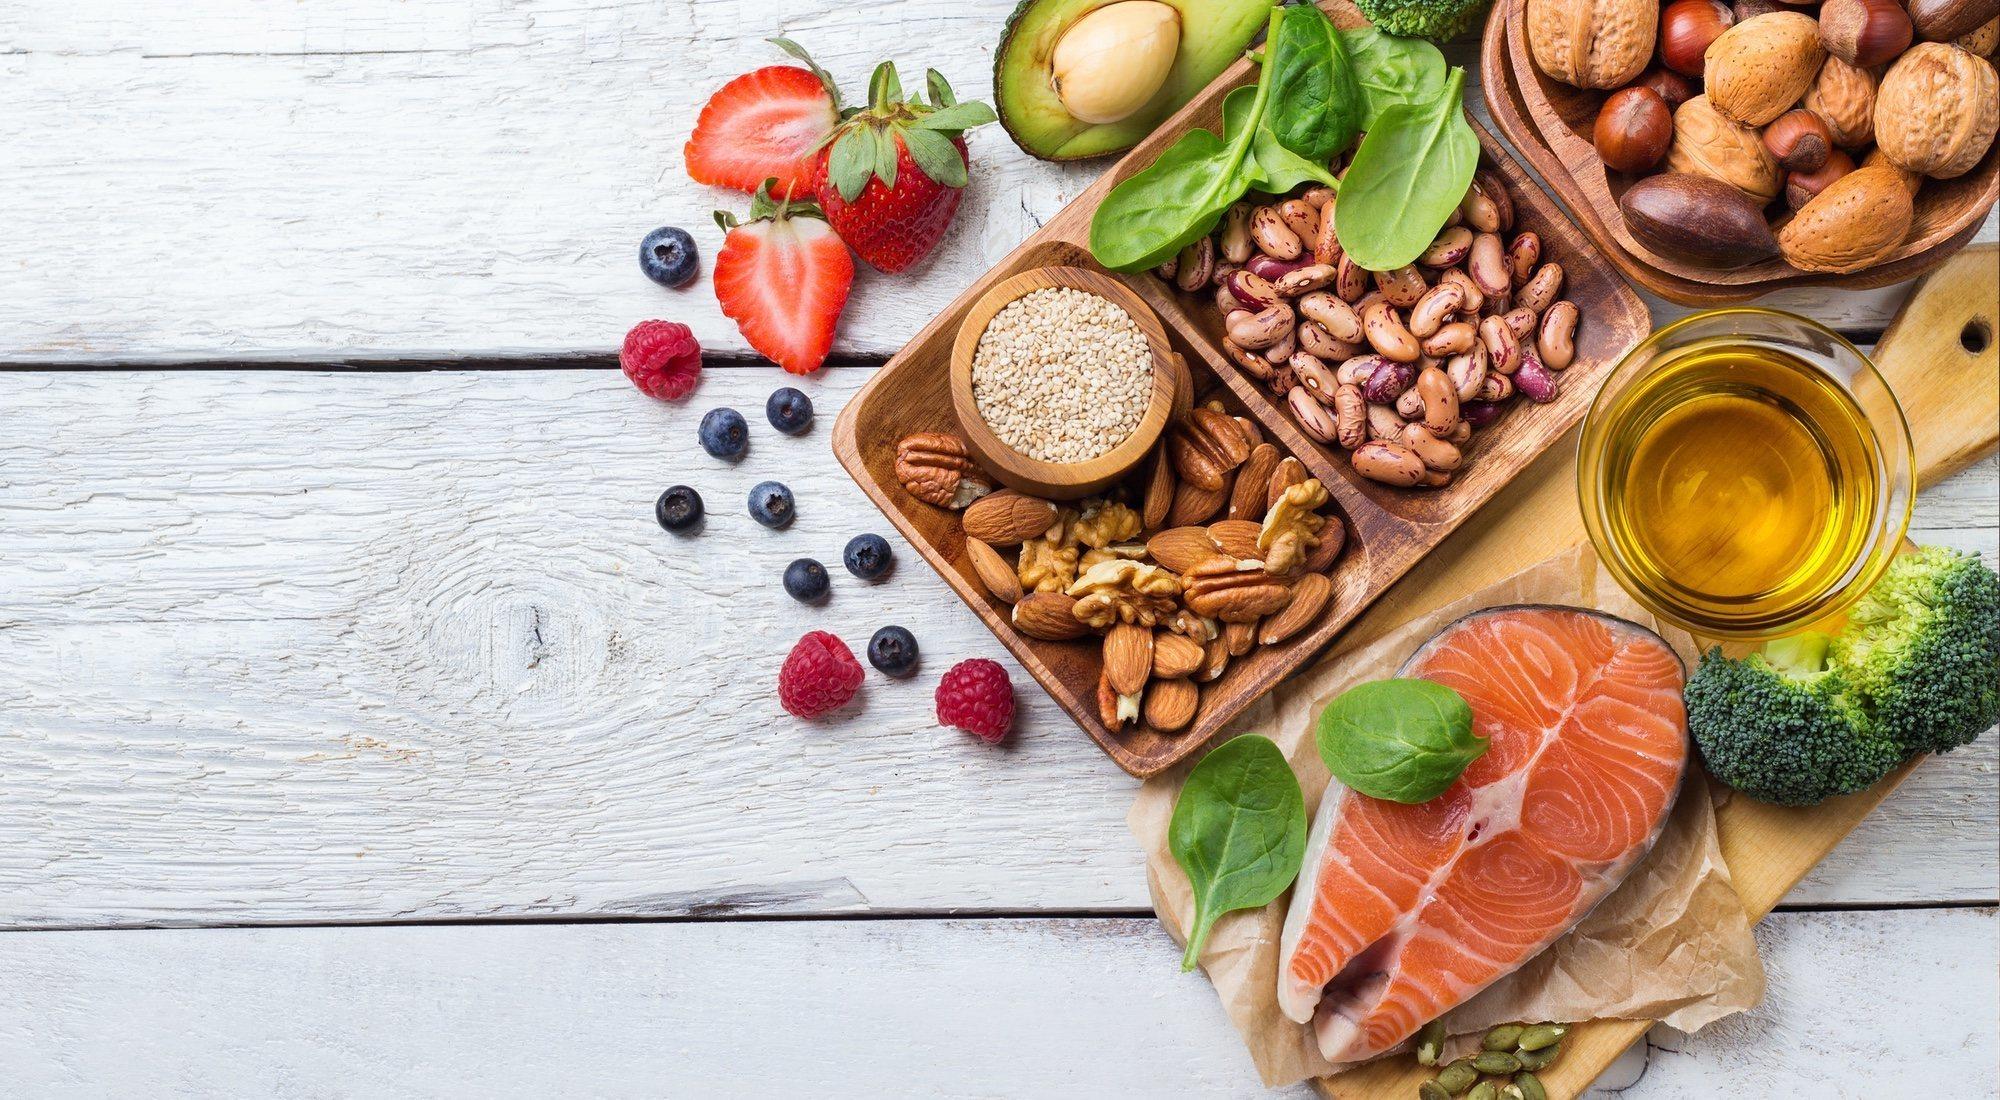 Dieta equilibrada, claves para una dieta sana y equilibrada